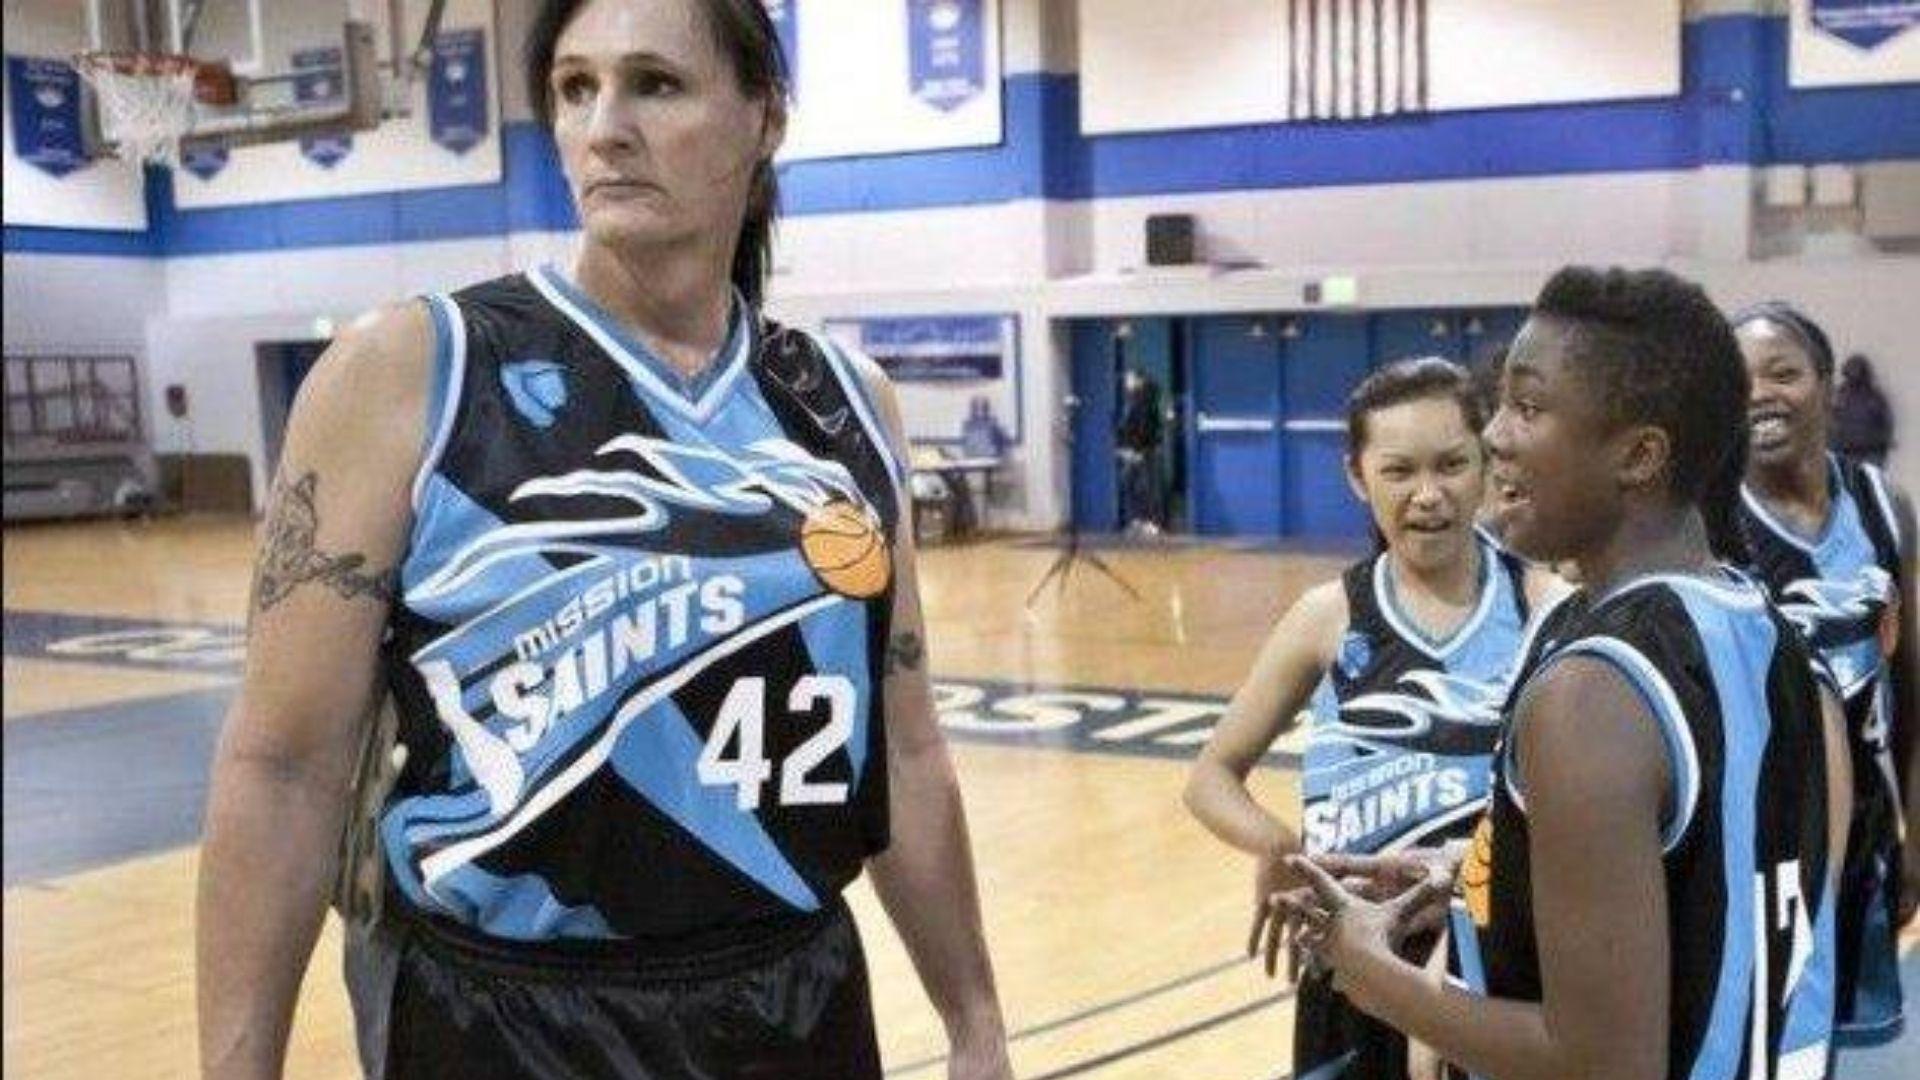 Mais de 30 estados americanos não querem atletas trans em esportes femininos